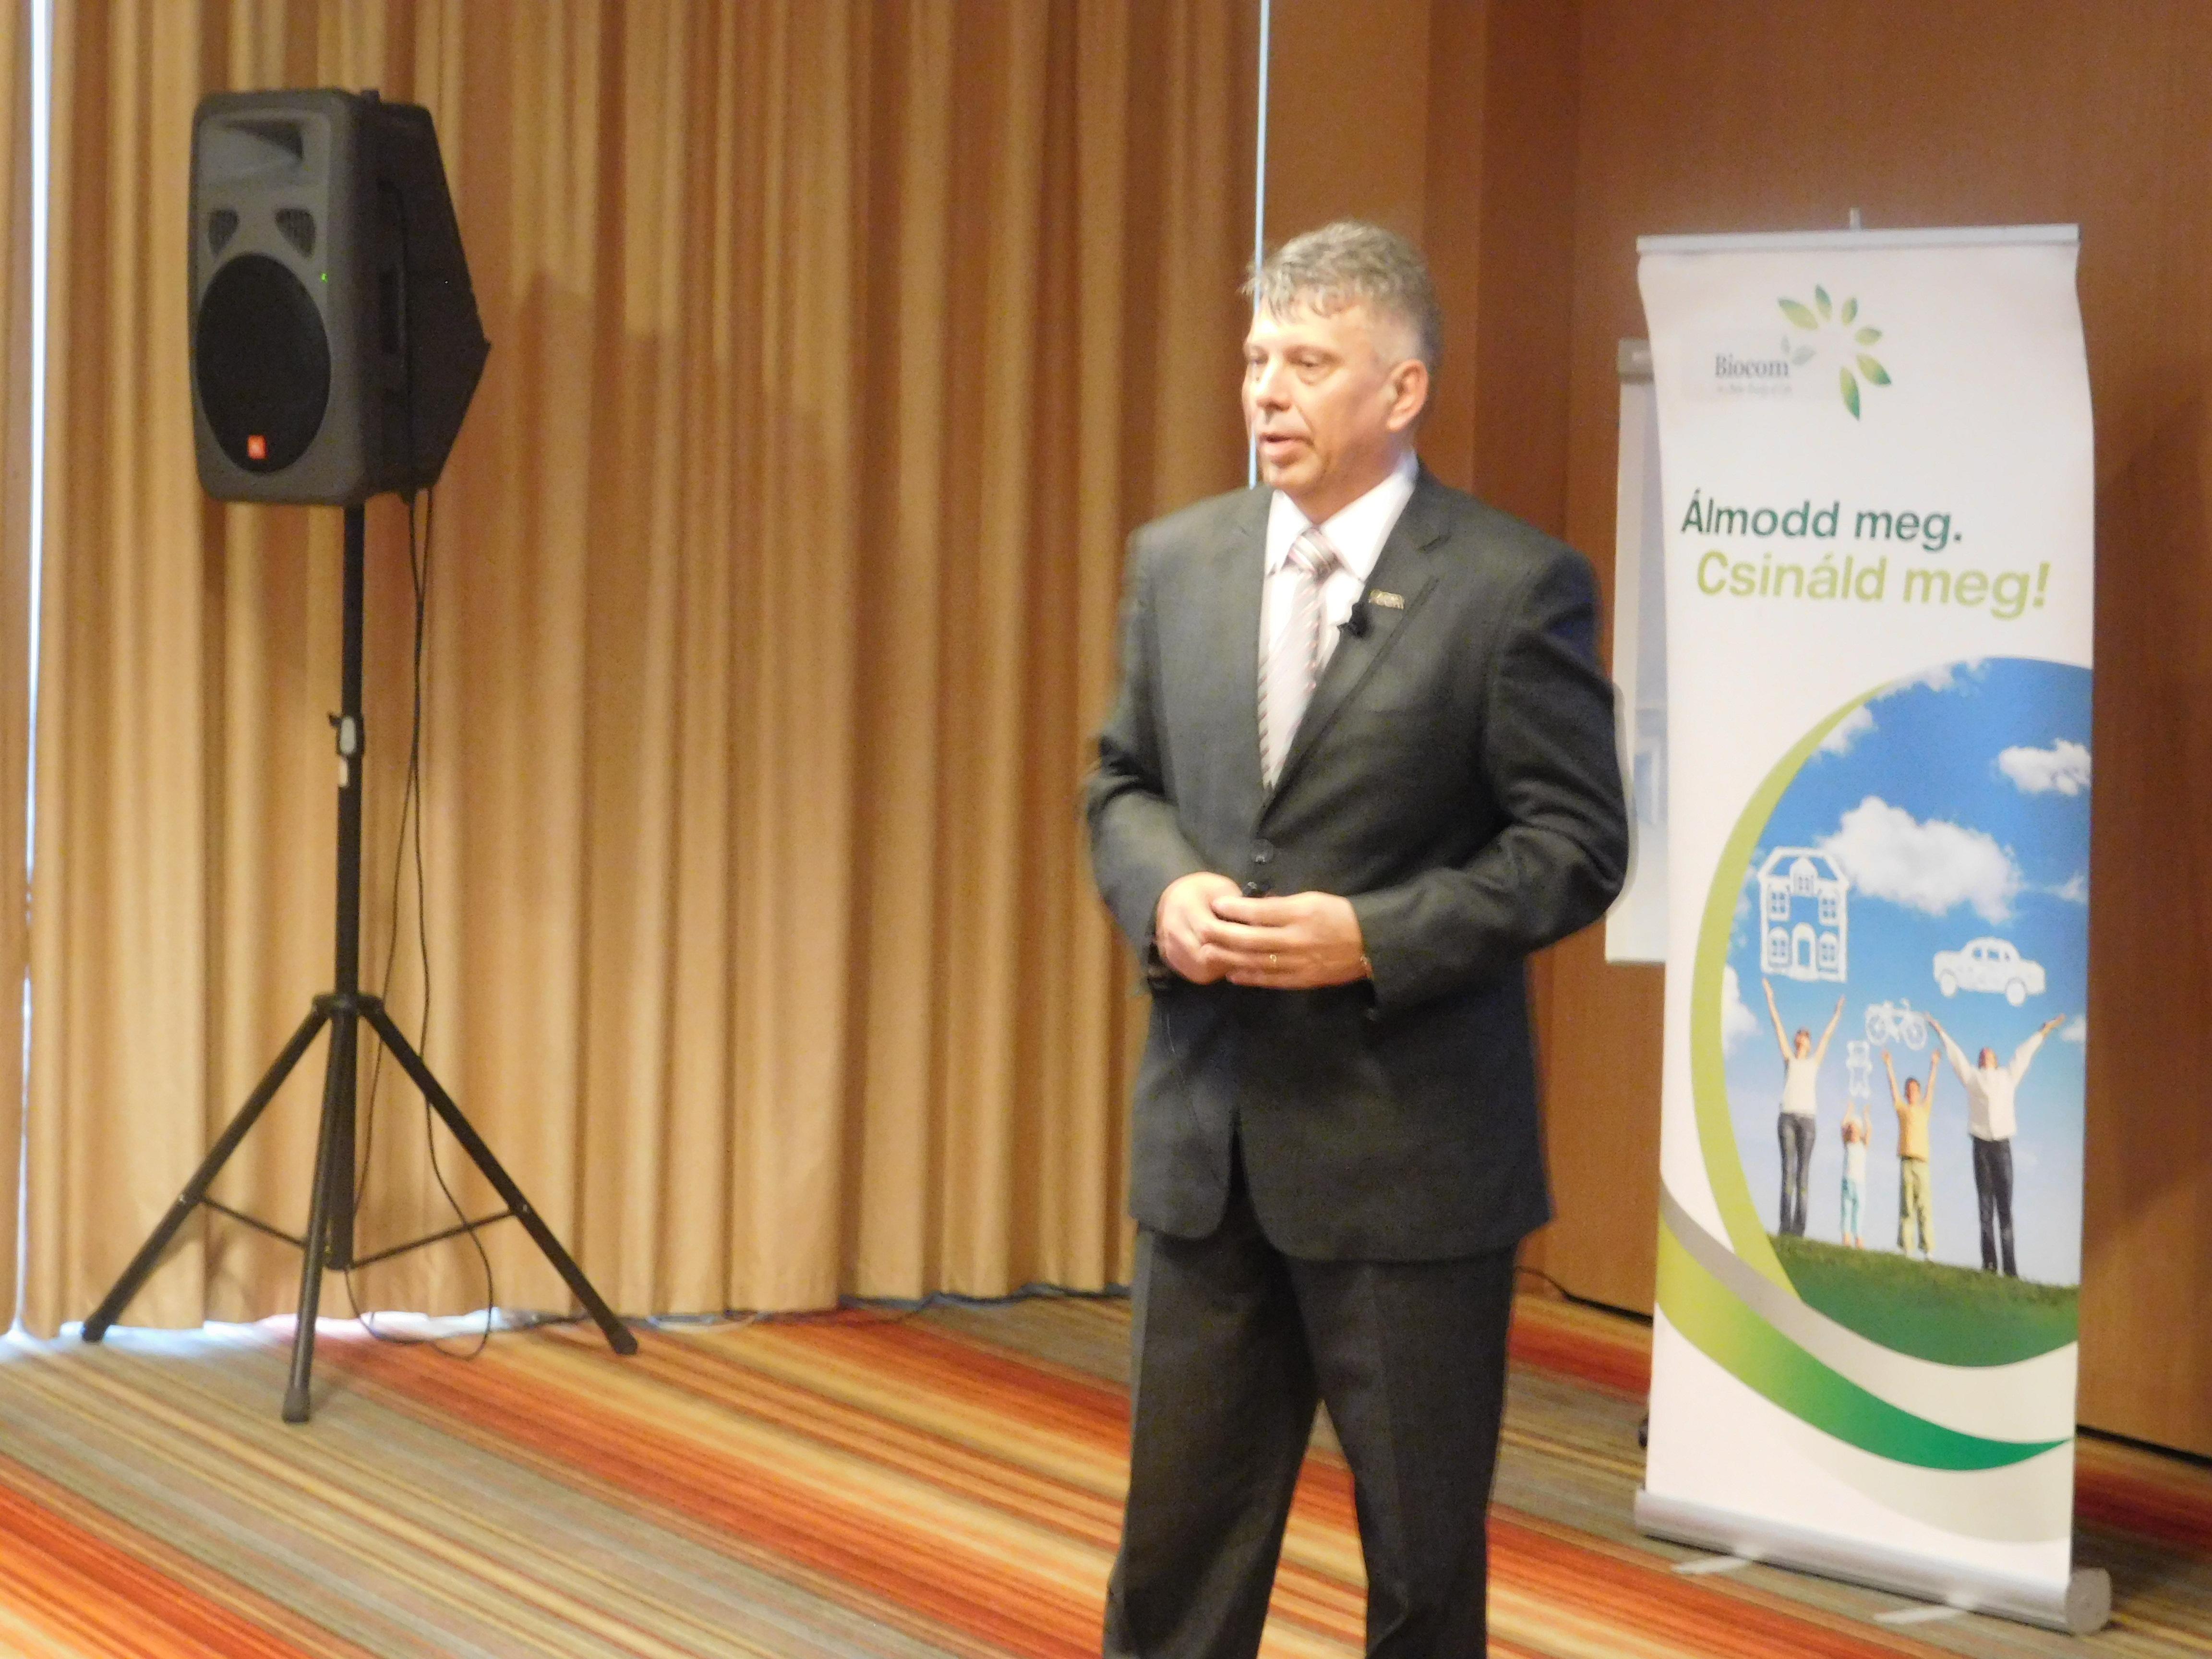 Harmat Csaba a marketingtervről, a pénzvisszaosztásról beszélt